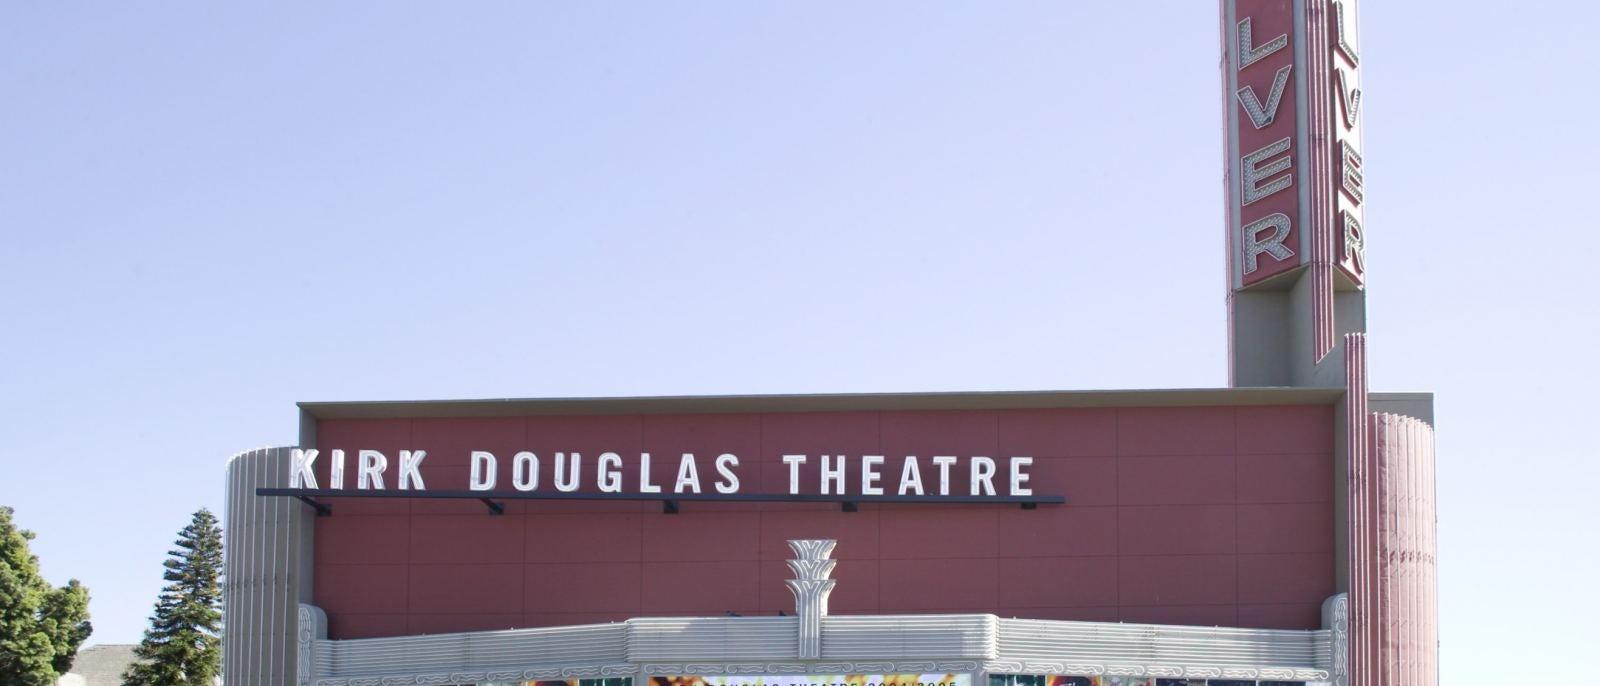 Douglas-Exterior-9-DT562